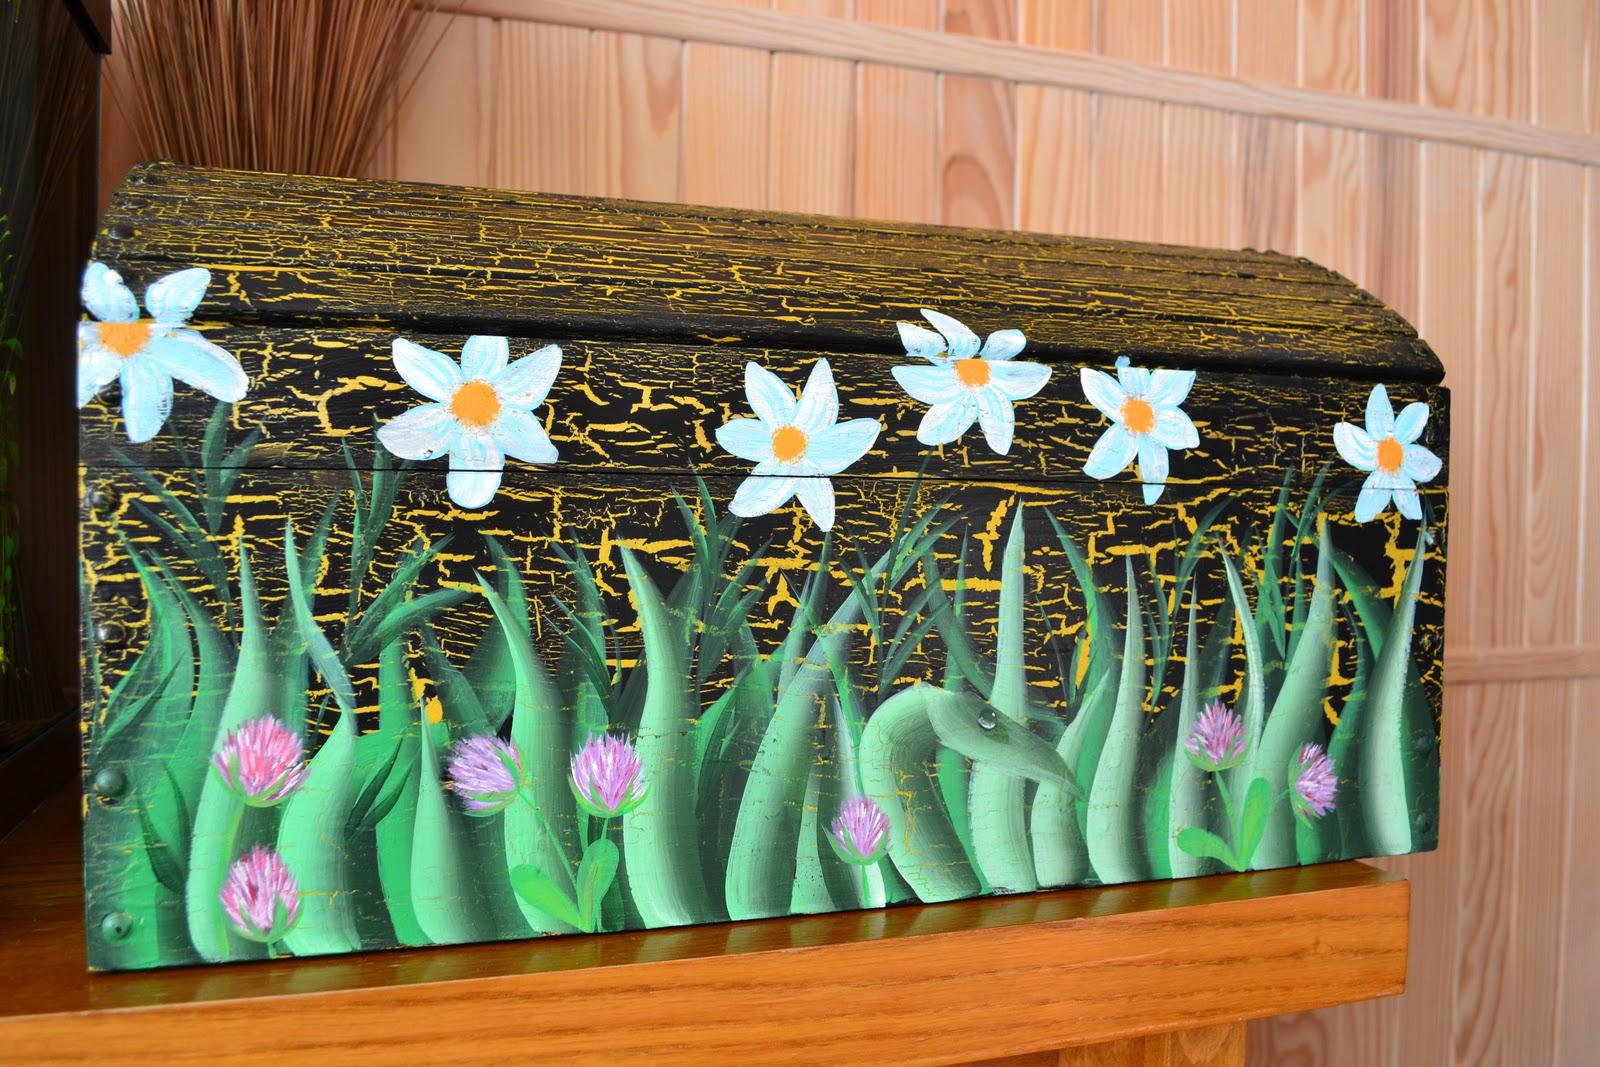 Peinture decorative sur bois grand coffre - Peinture decorative sur bois et metal ...